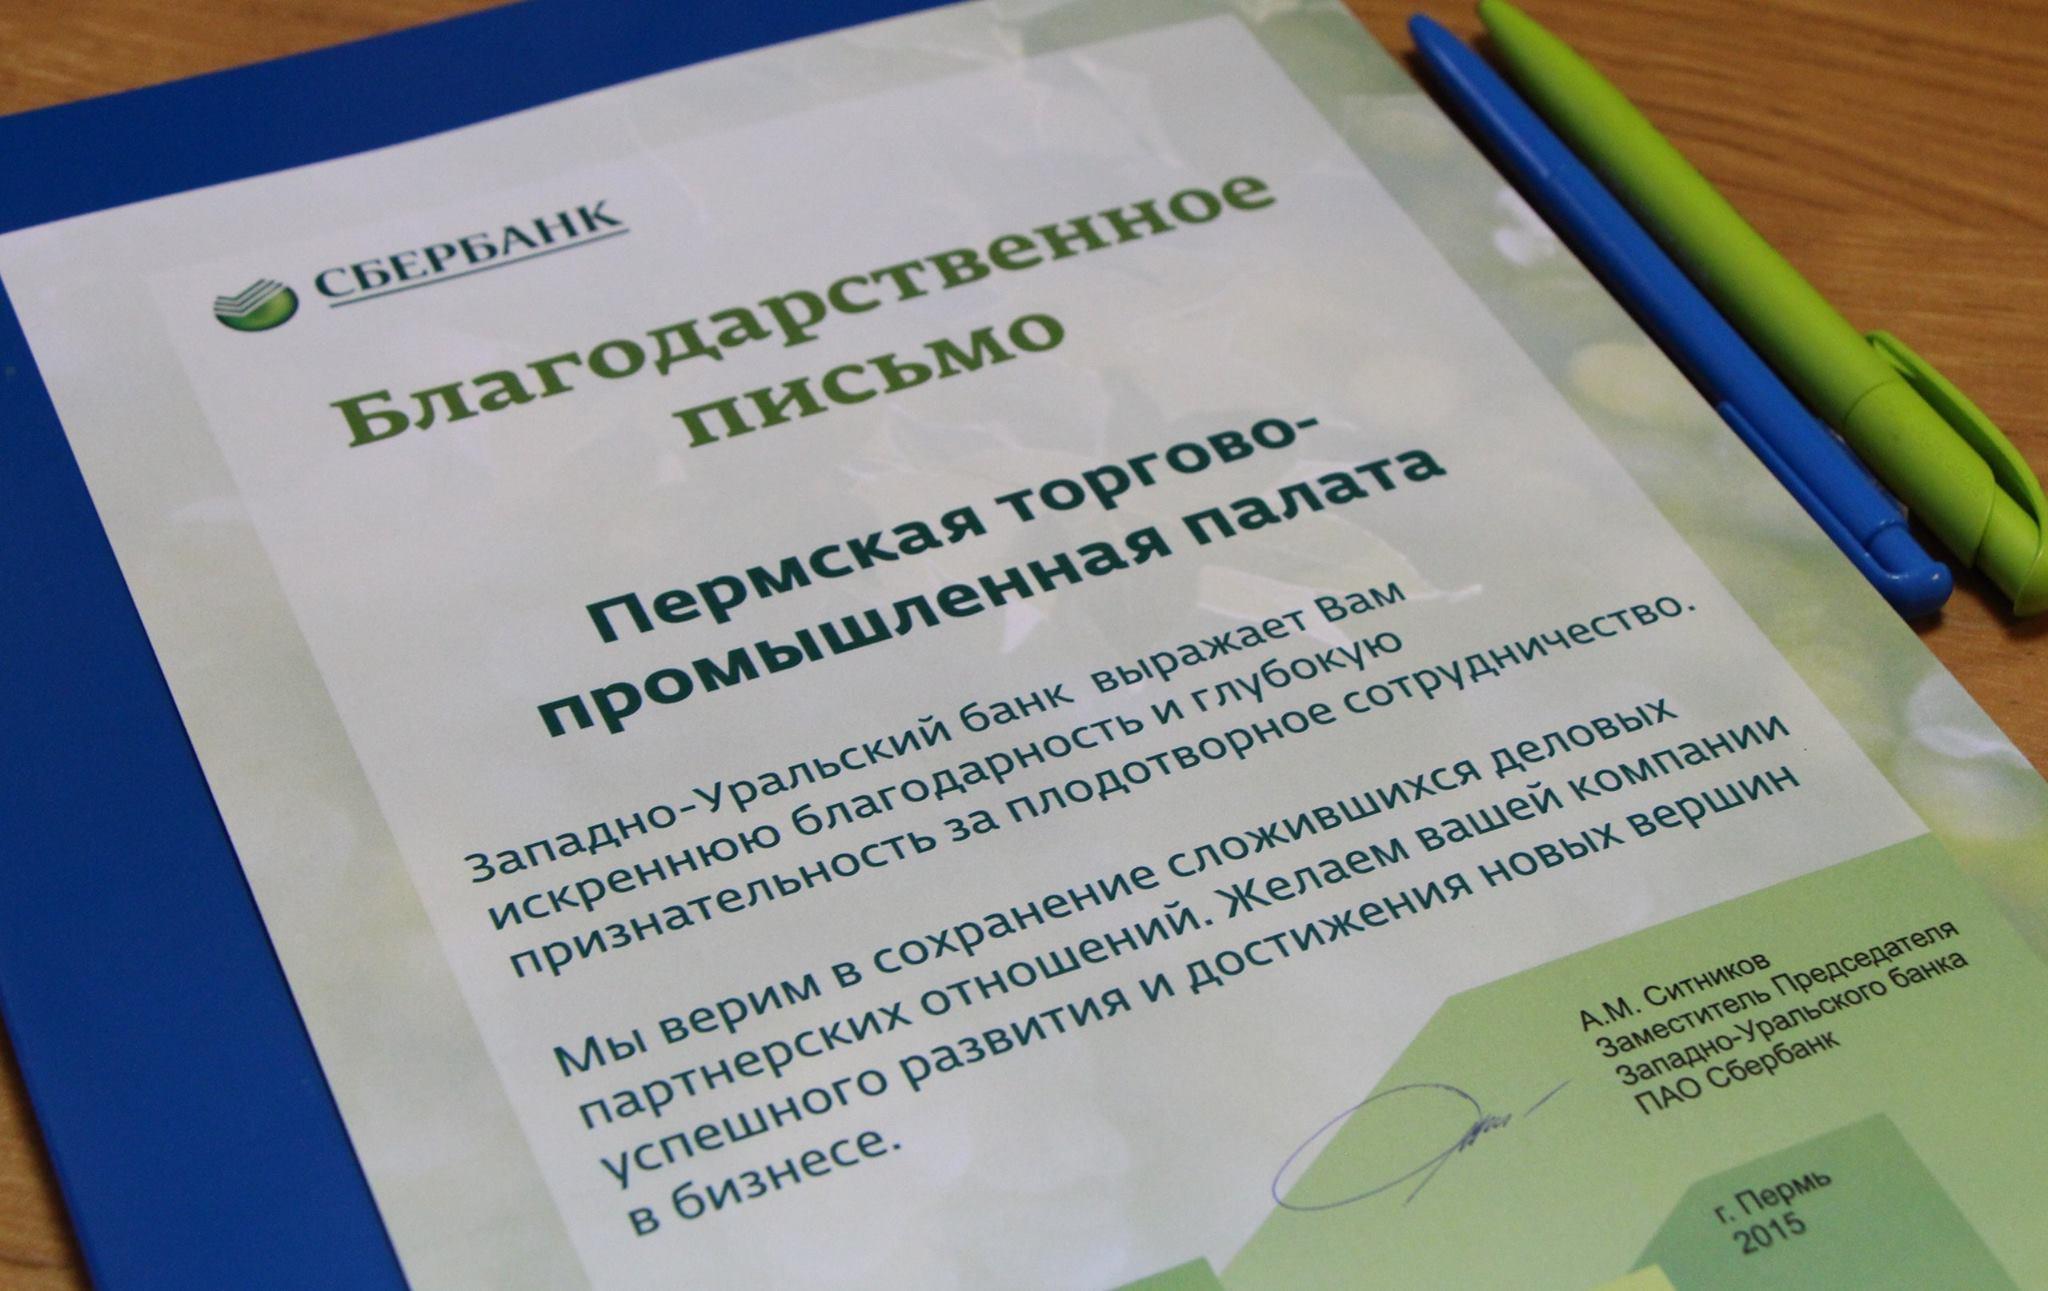 лучшие банки россии онлайн